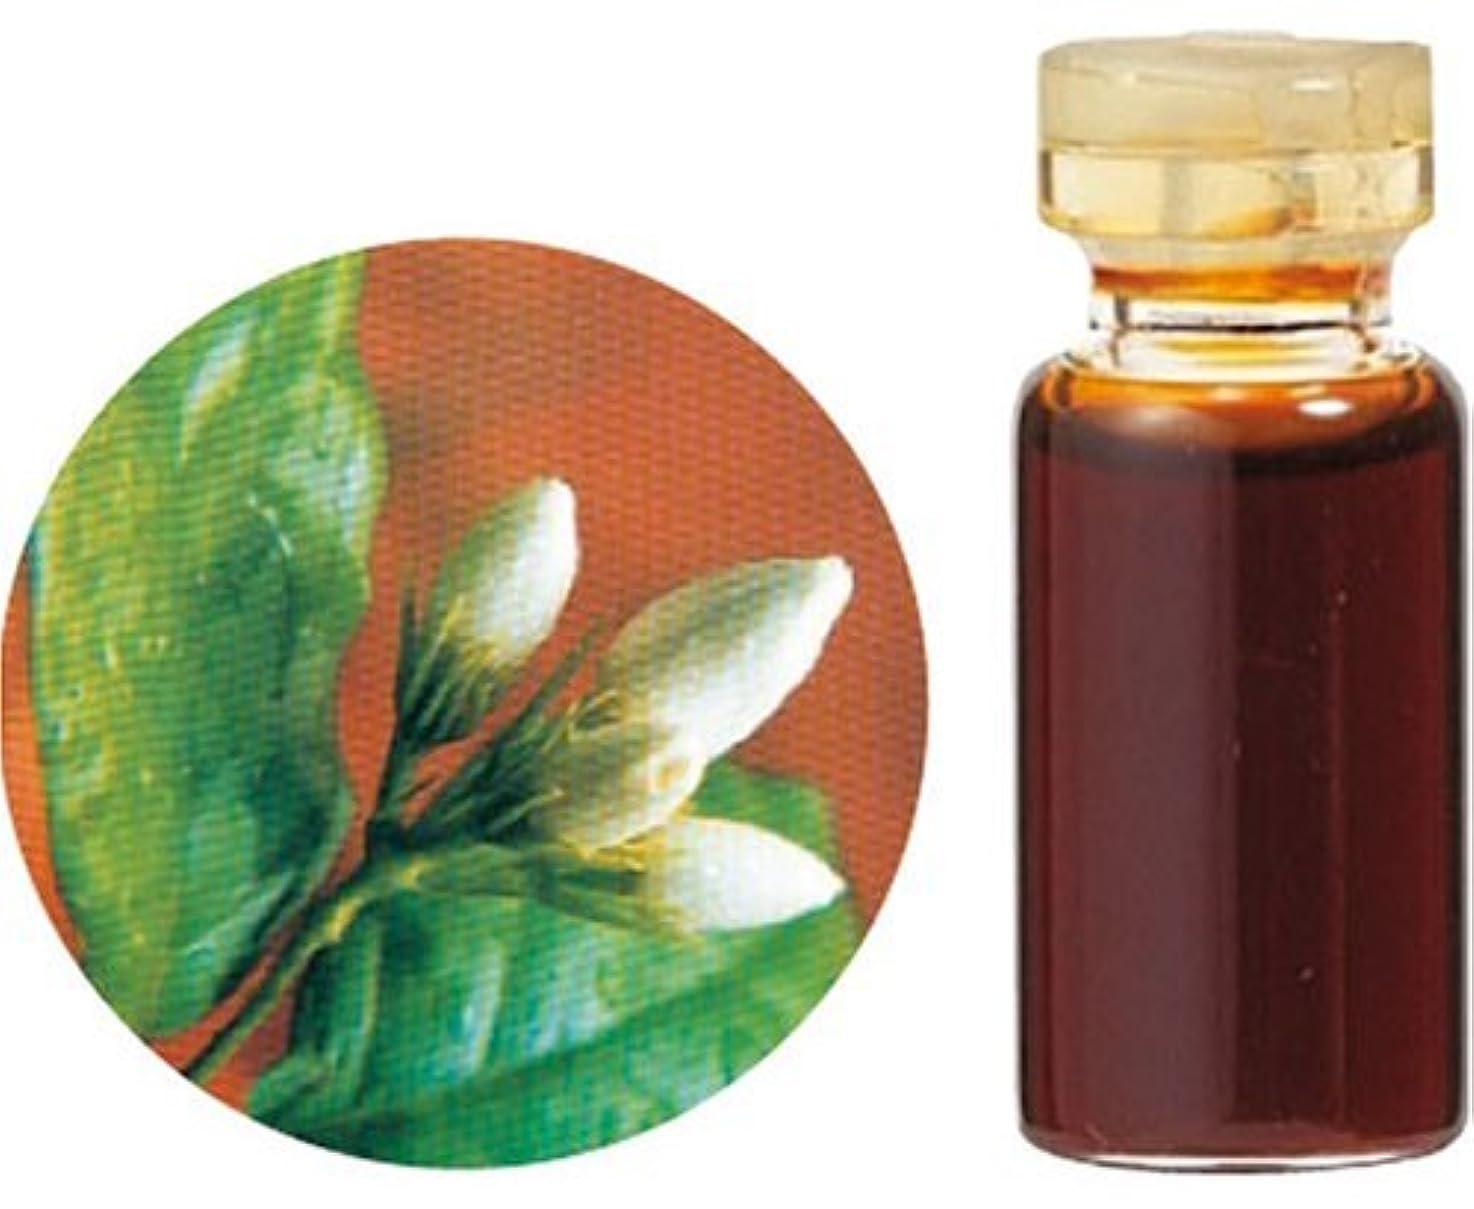 背が高いタッチ処方HerbalLife ジャスミンサンバックAbs 1ml